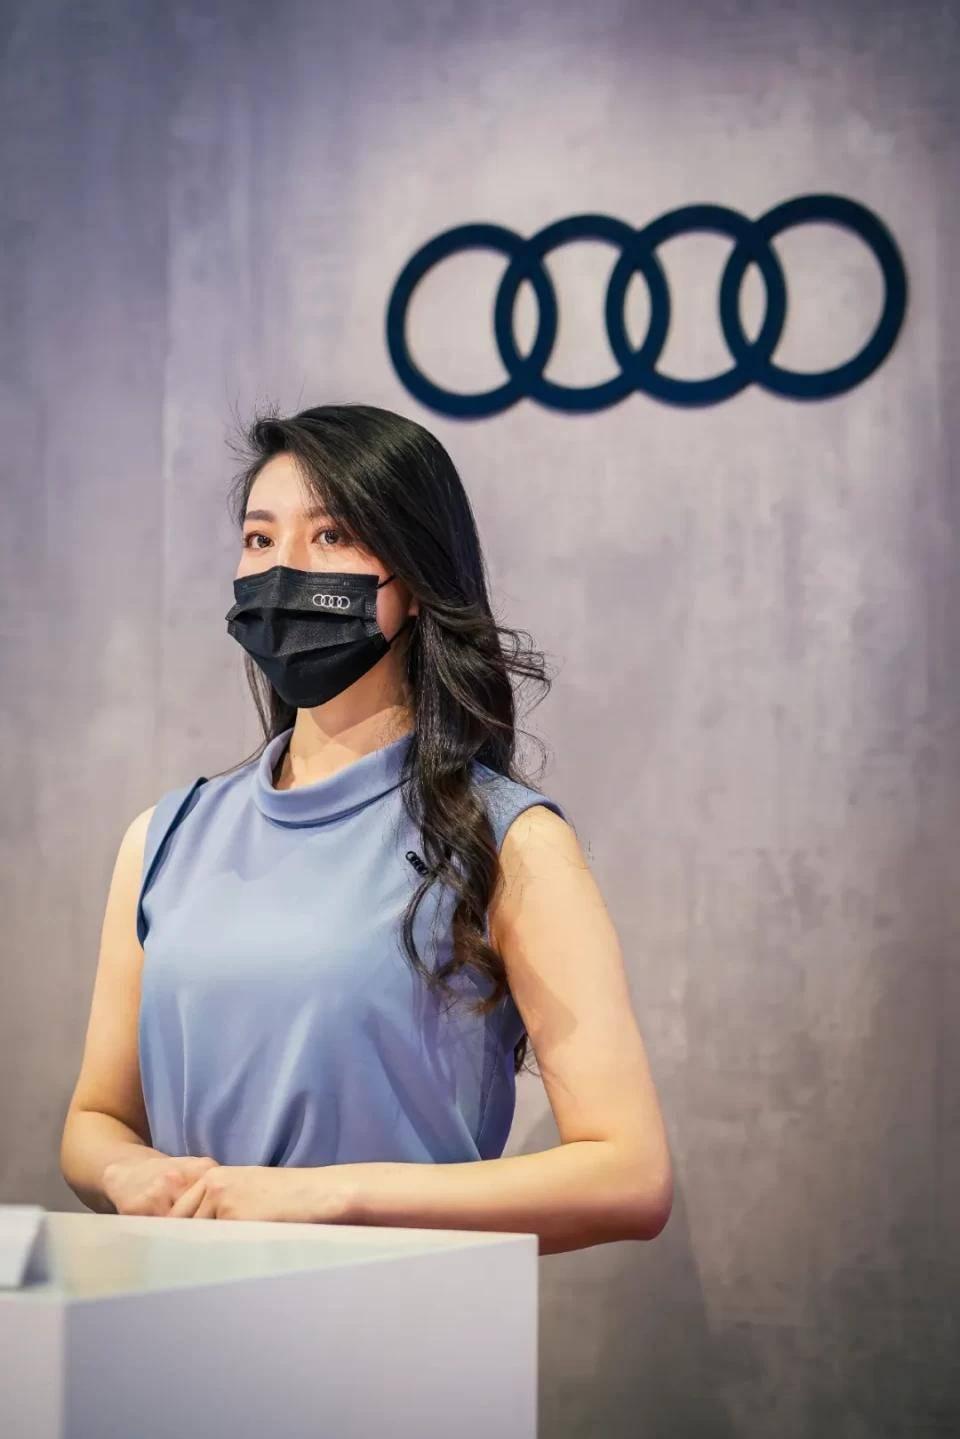 图赏:上海车展上的车模小姐姐们(图3)